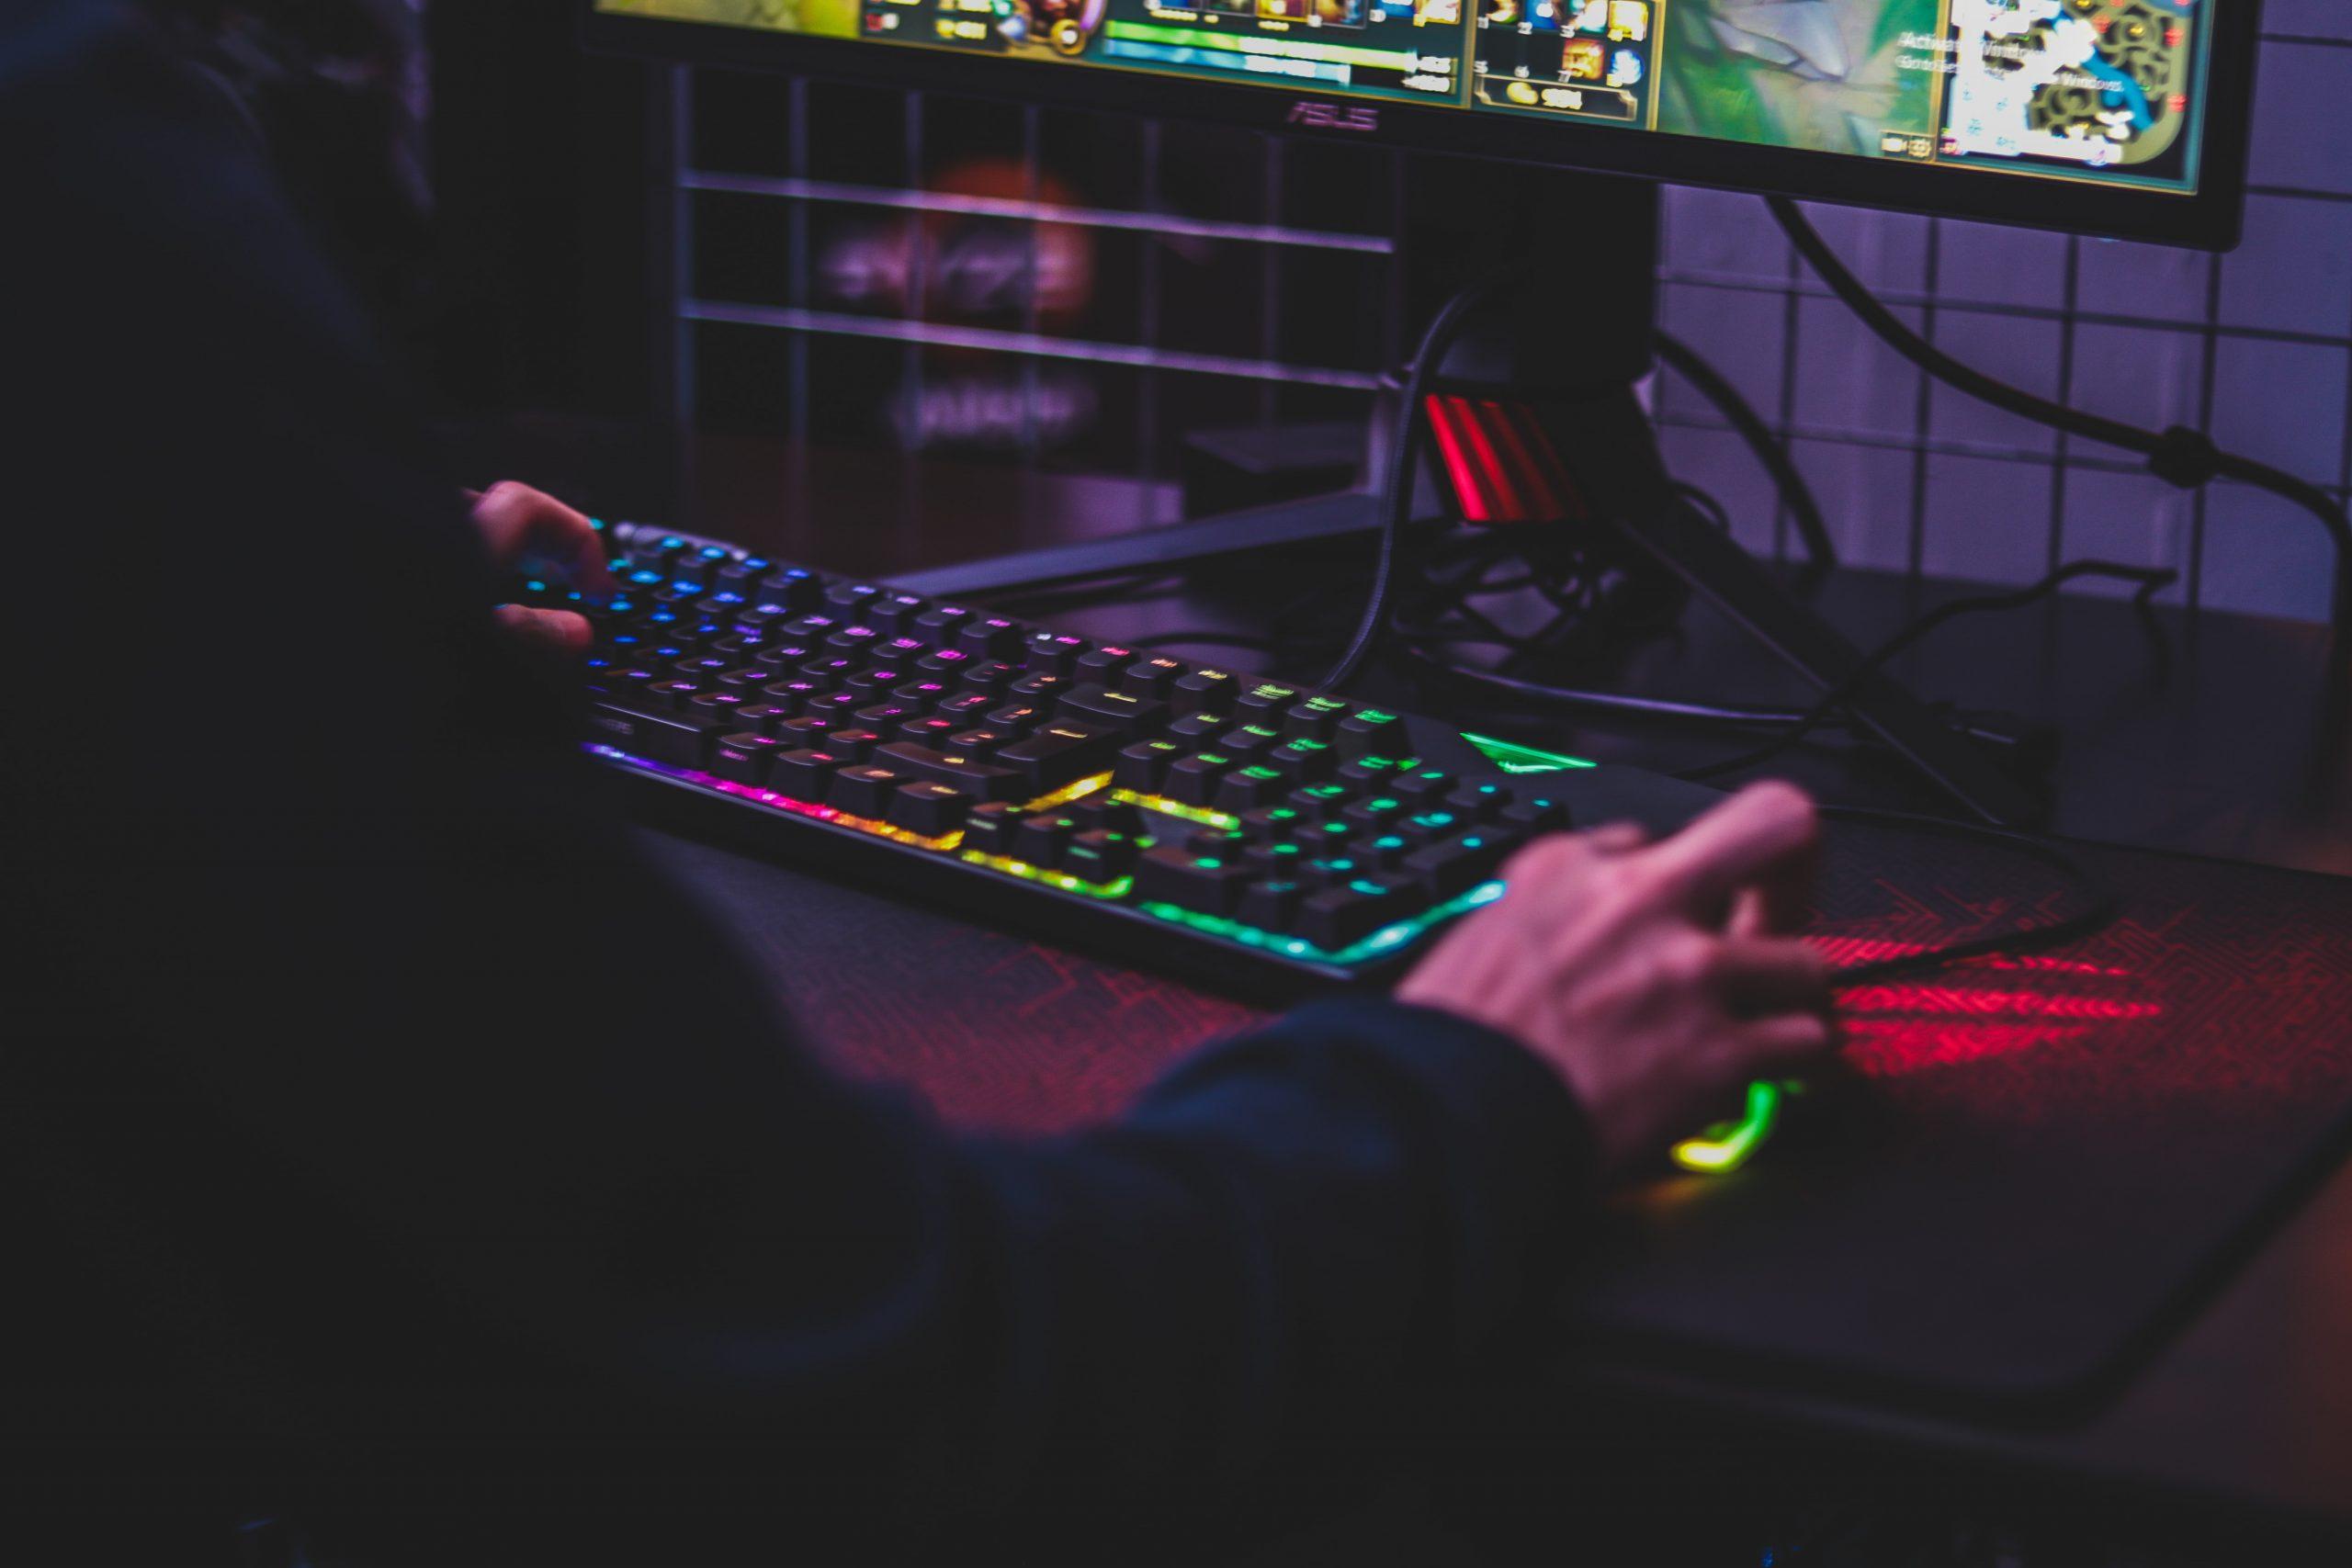 Gamer utilizando o computador, com uma mão no teclado e a outra no mouse.